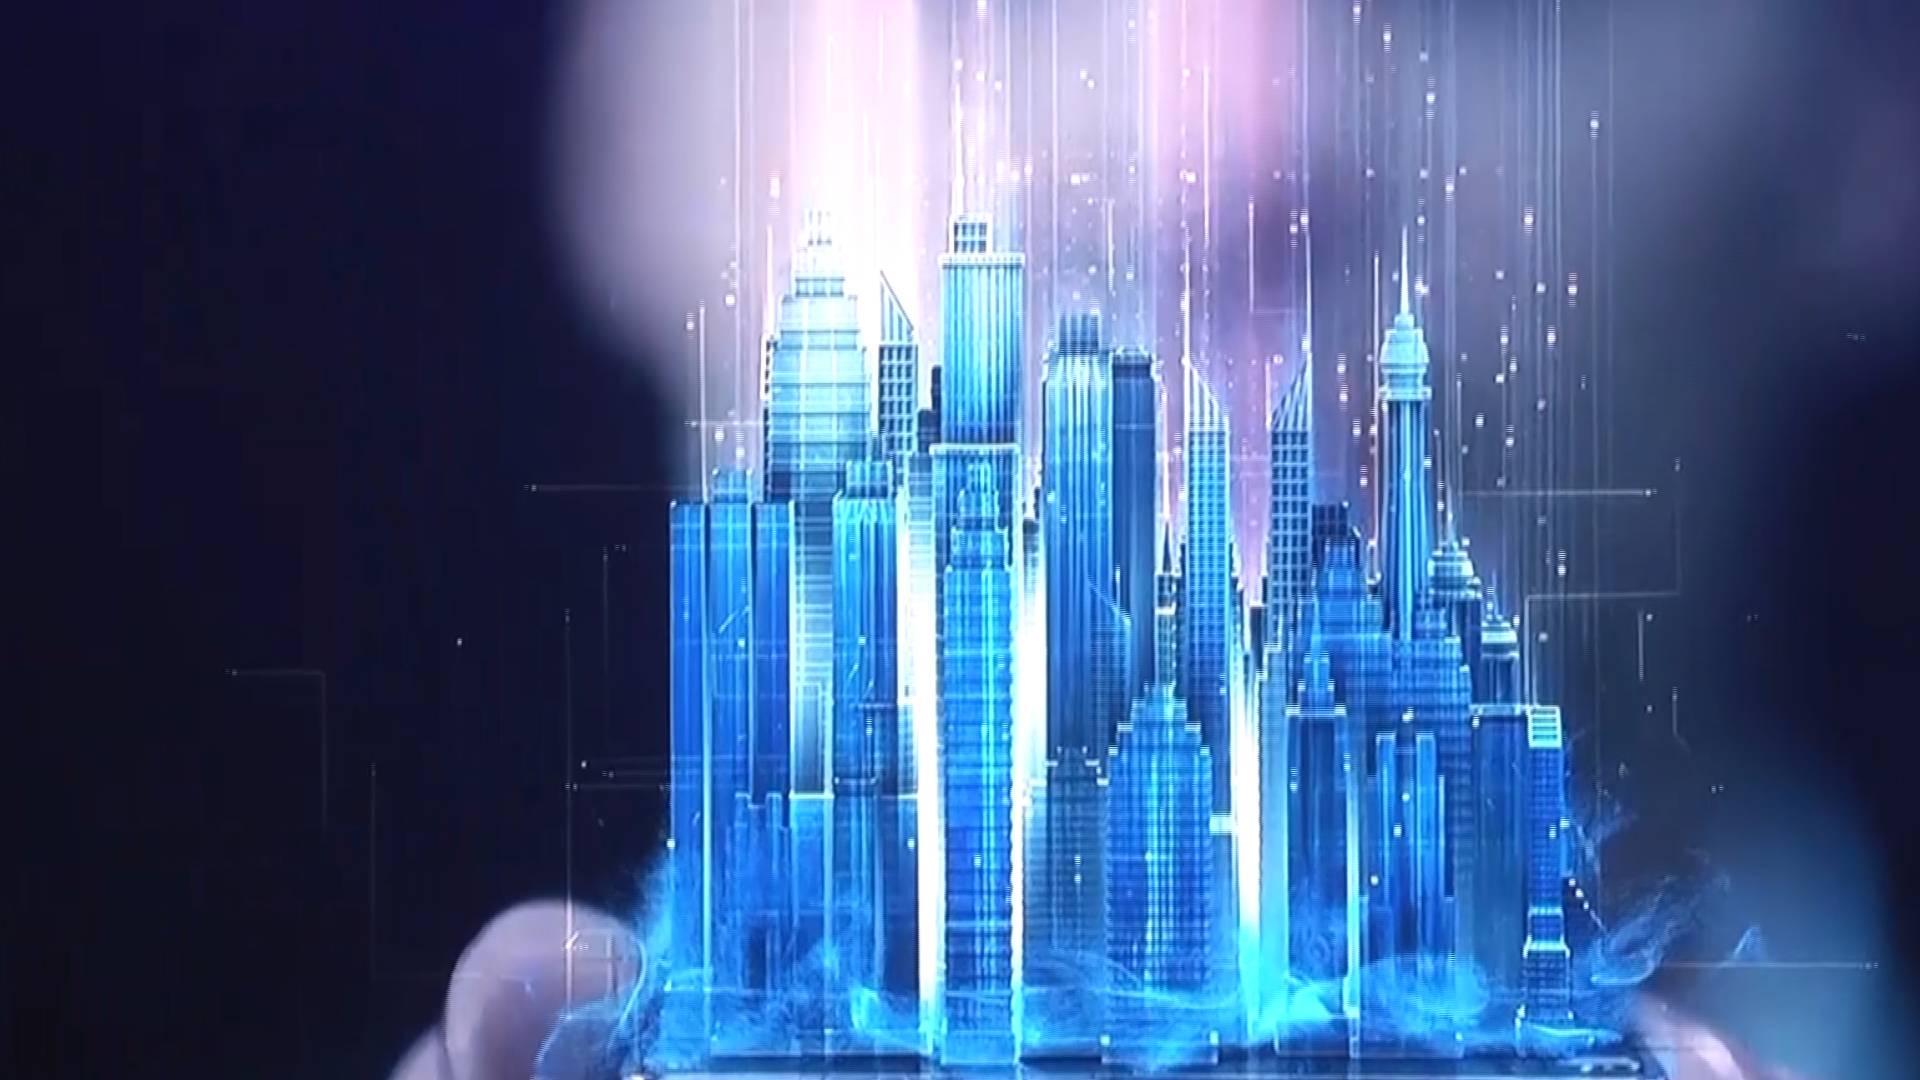 世界互联网大会解密智慧城市:让建筑与互联网深度对话